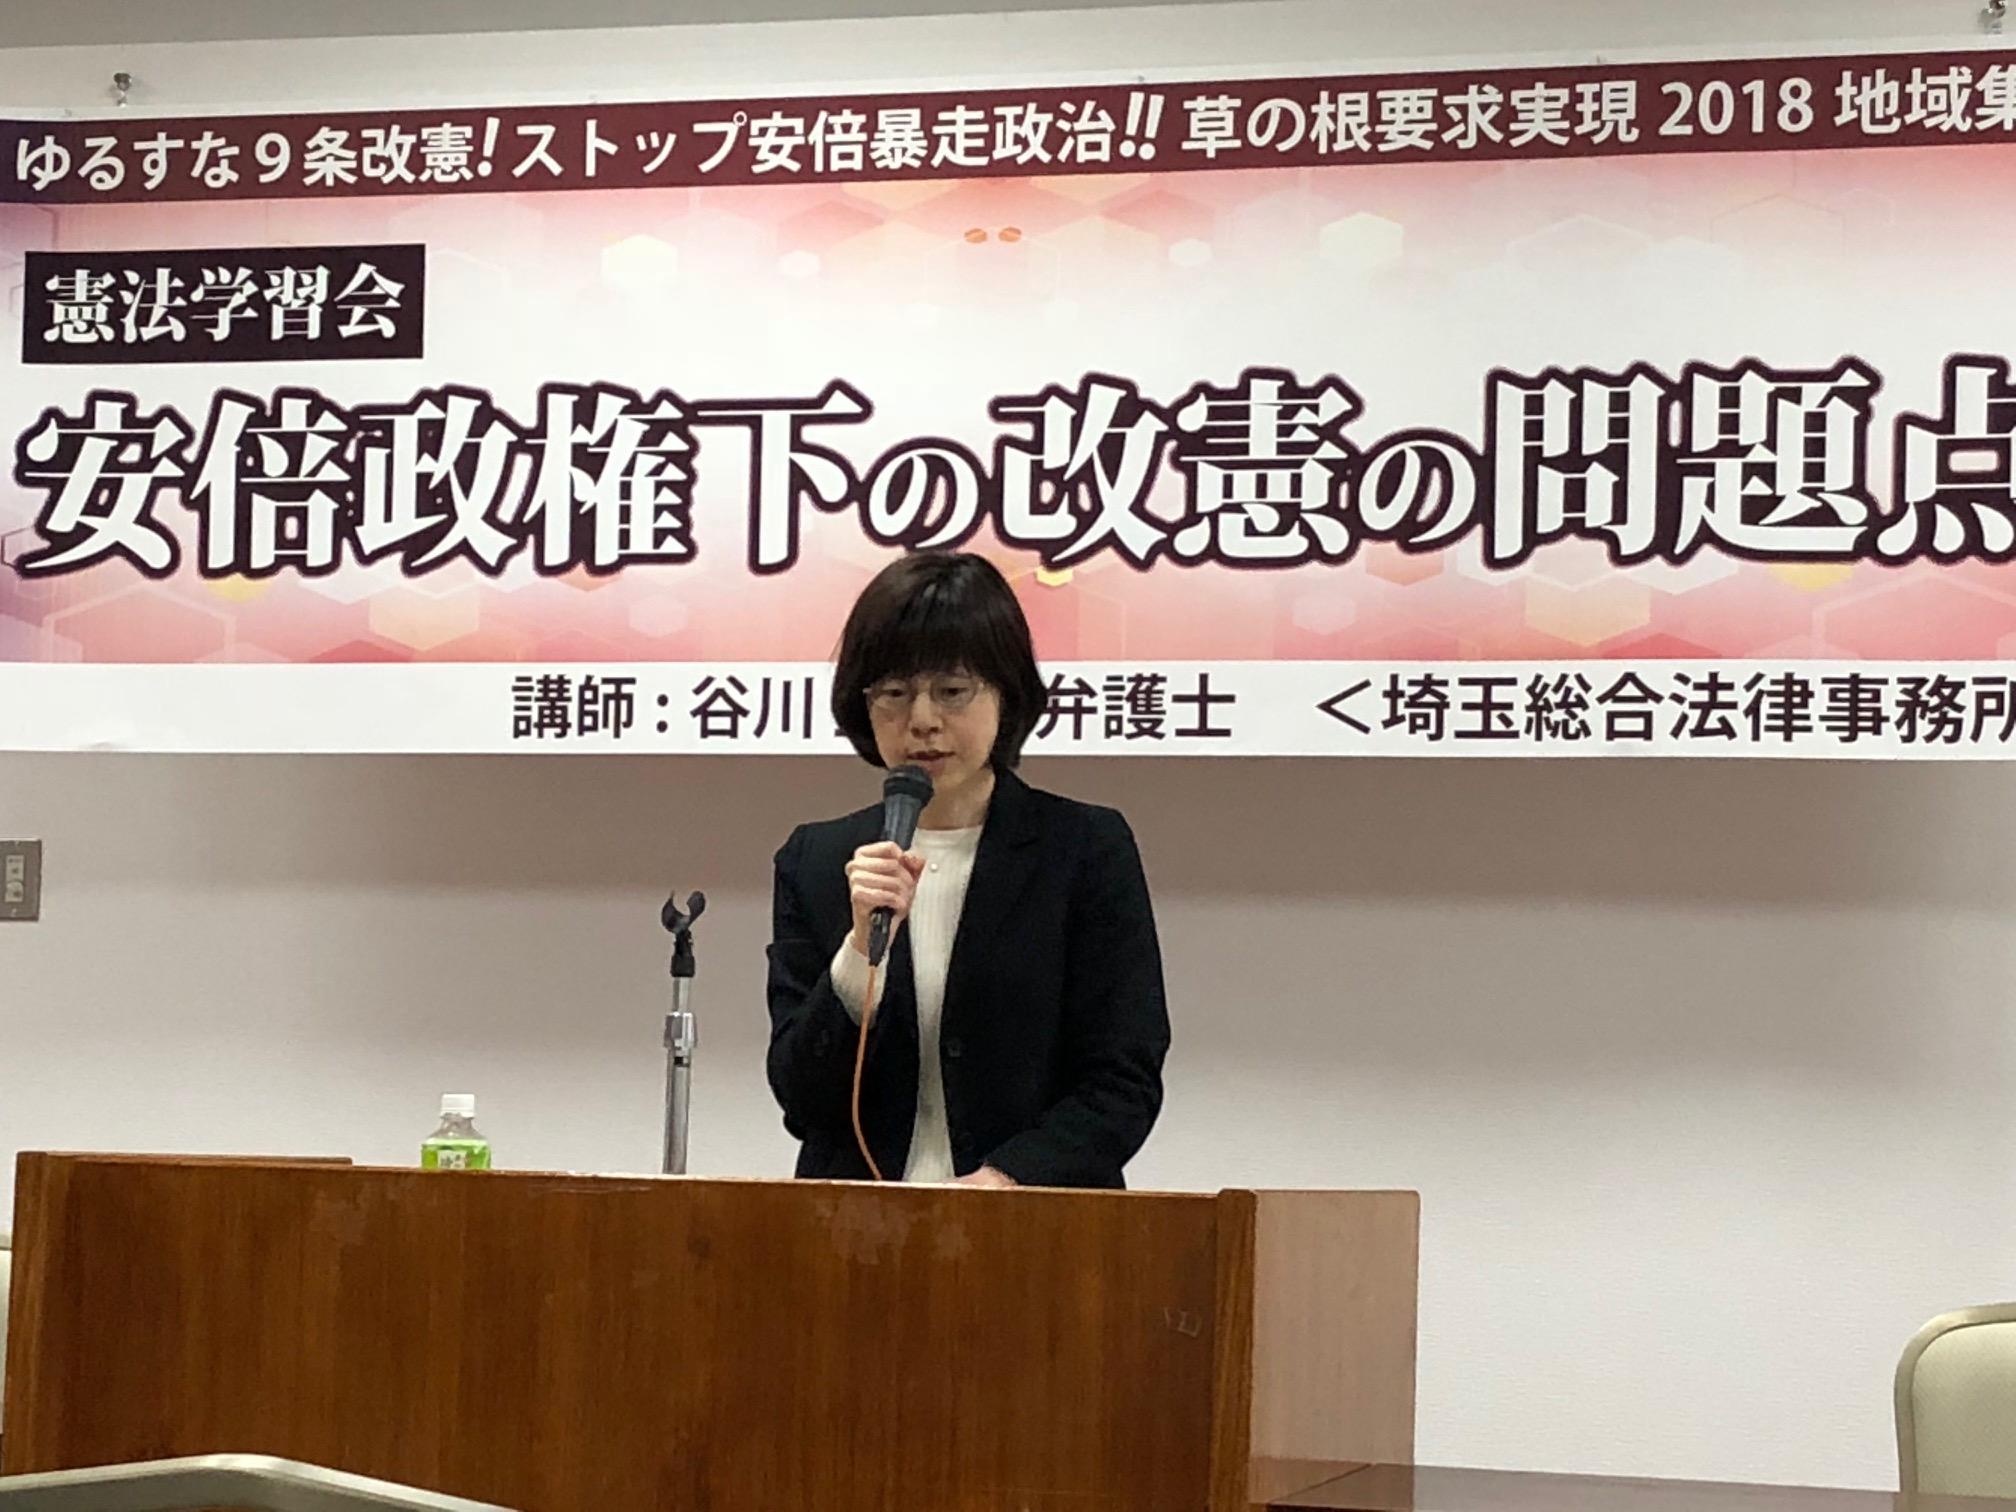 自民党憲法改正の危険性を訴える谷川弁護士